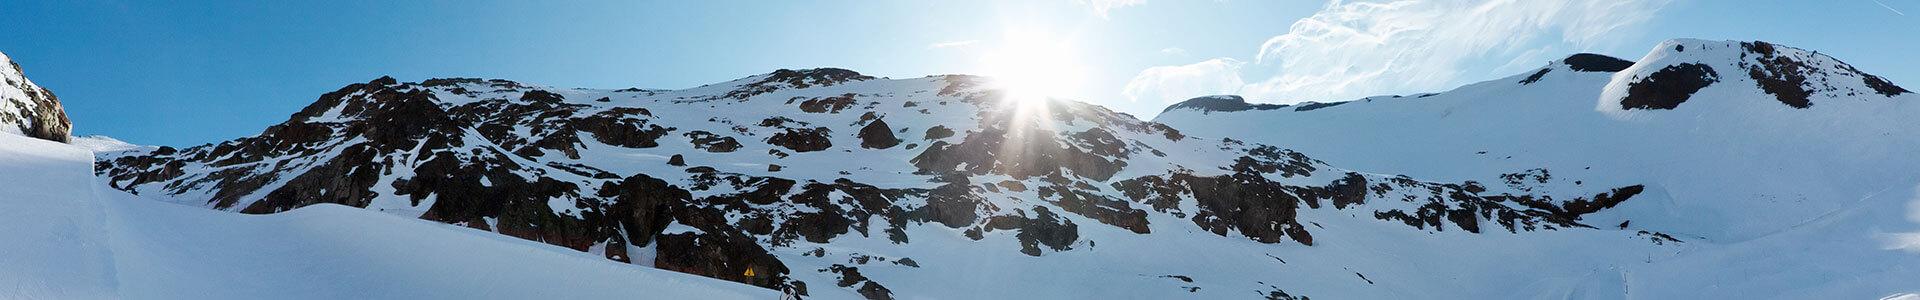 Alpes d'Huez - TUI